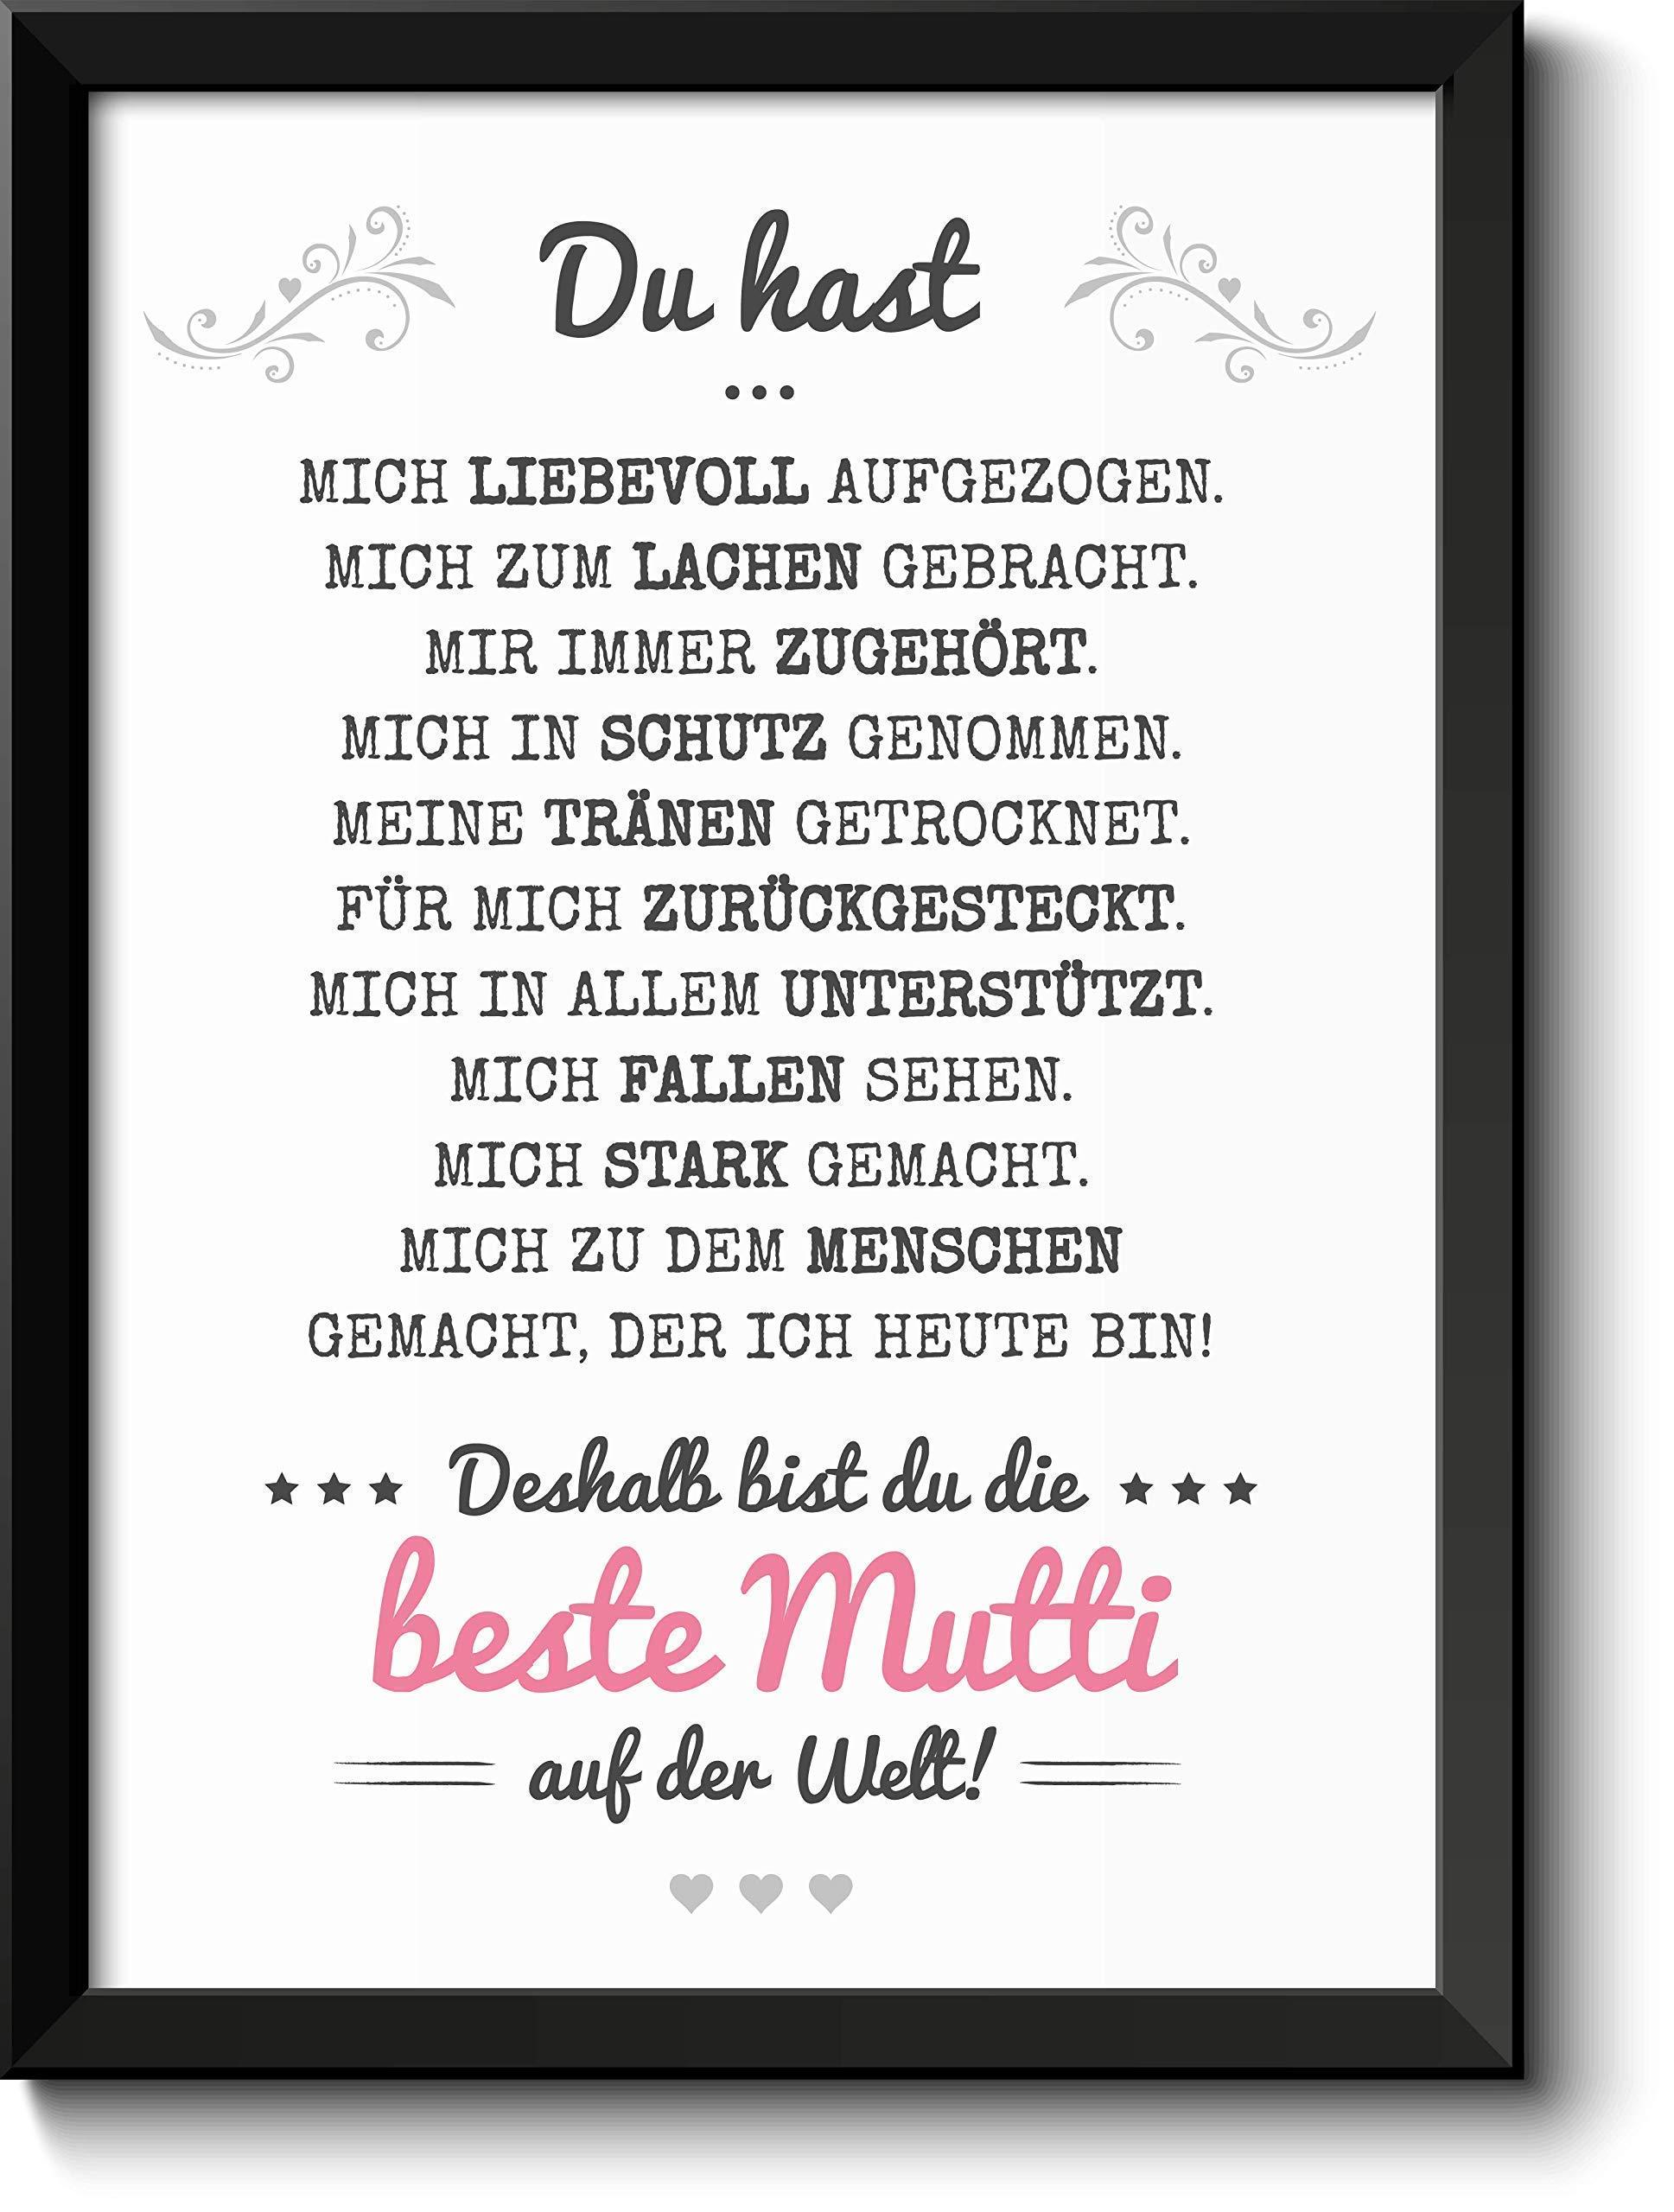 Beste Mama Bild im schwarzem Holz-Rahmen Geschenkidee Geschenke für Mutti zum Muttertag Muttertagsgeschenk Mutter Bild